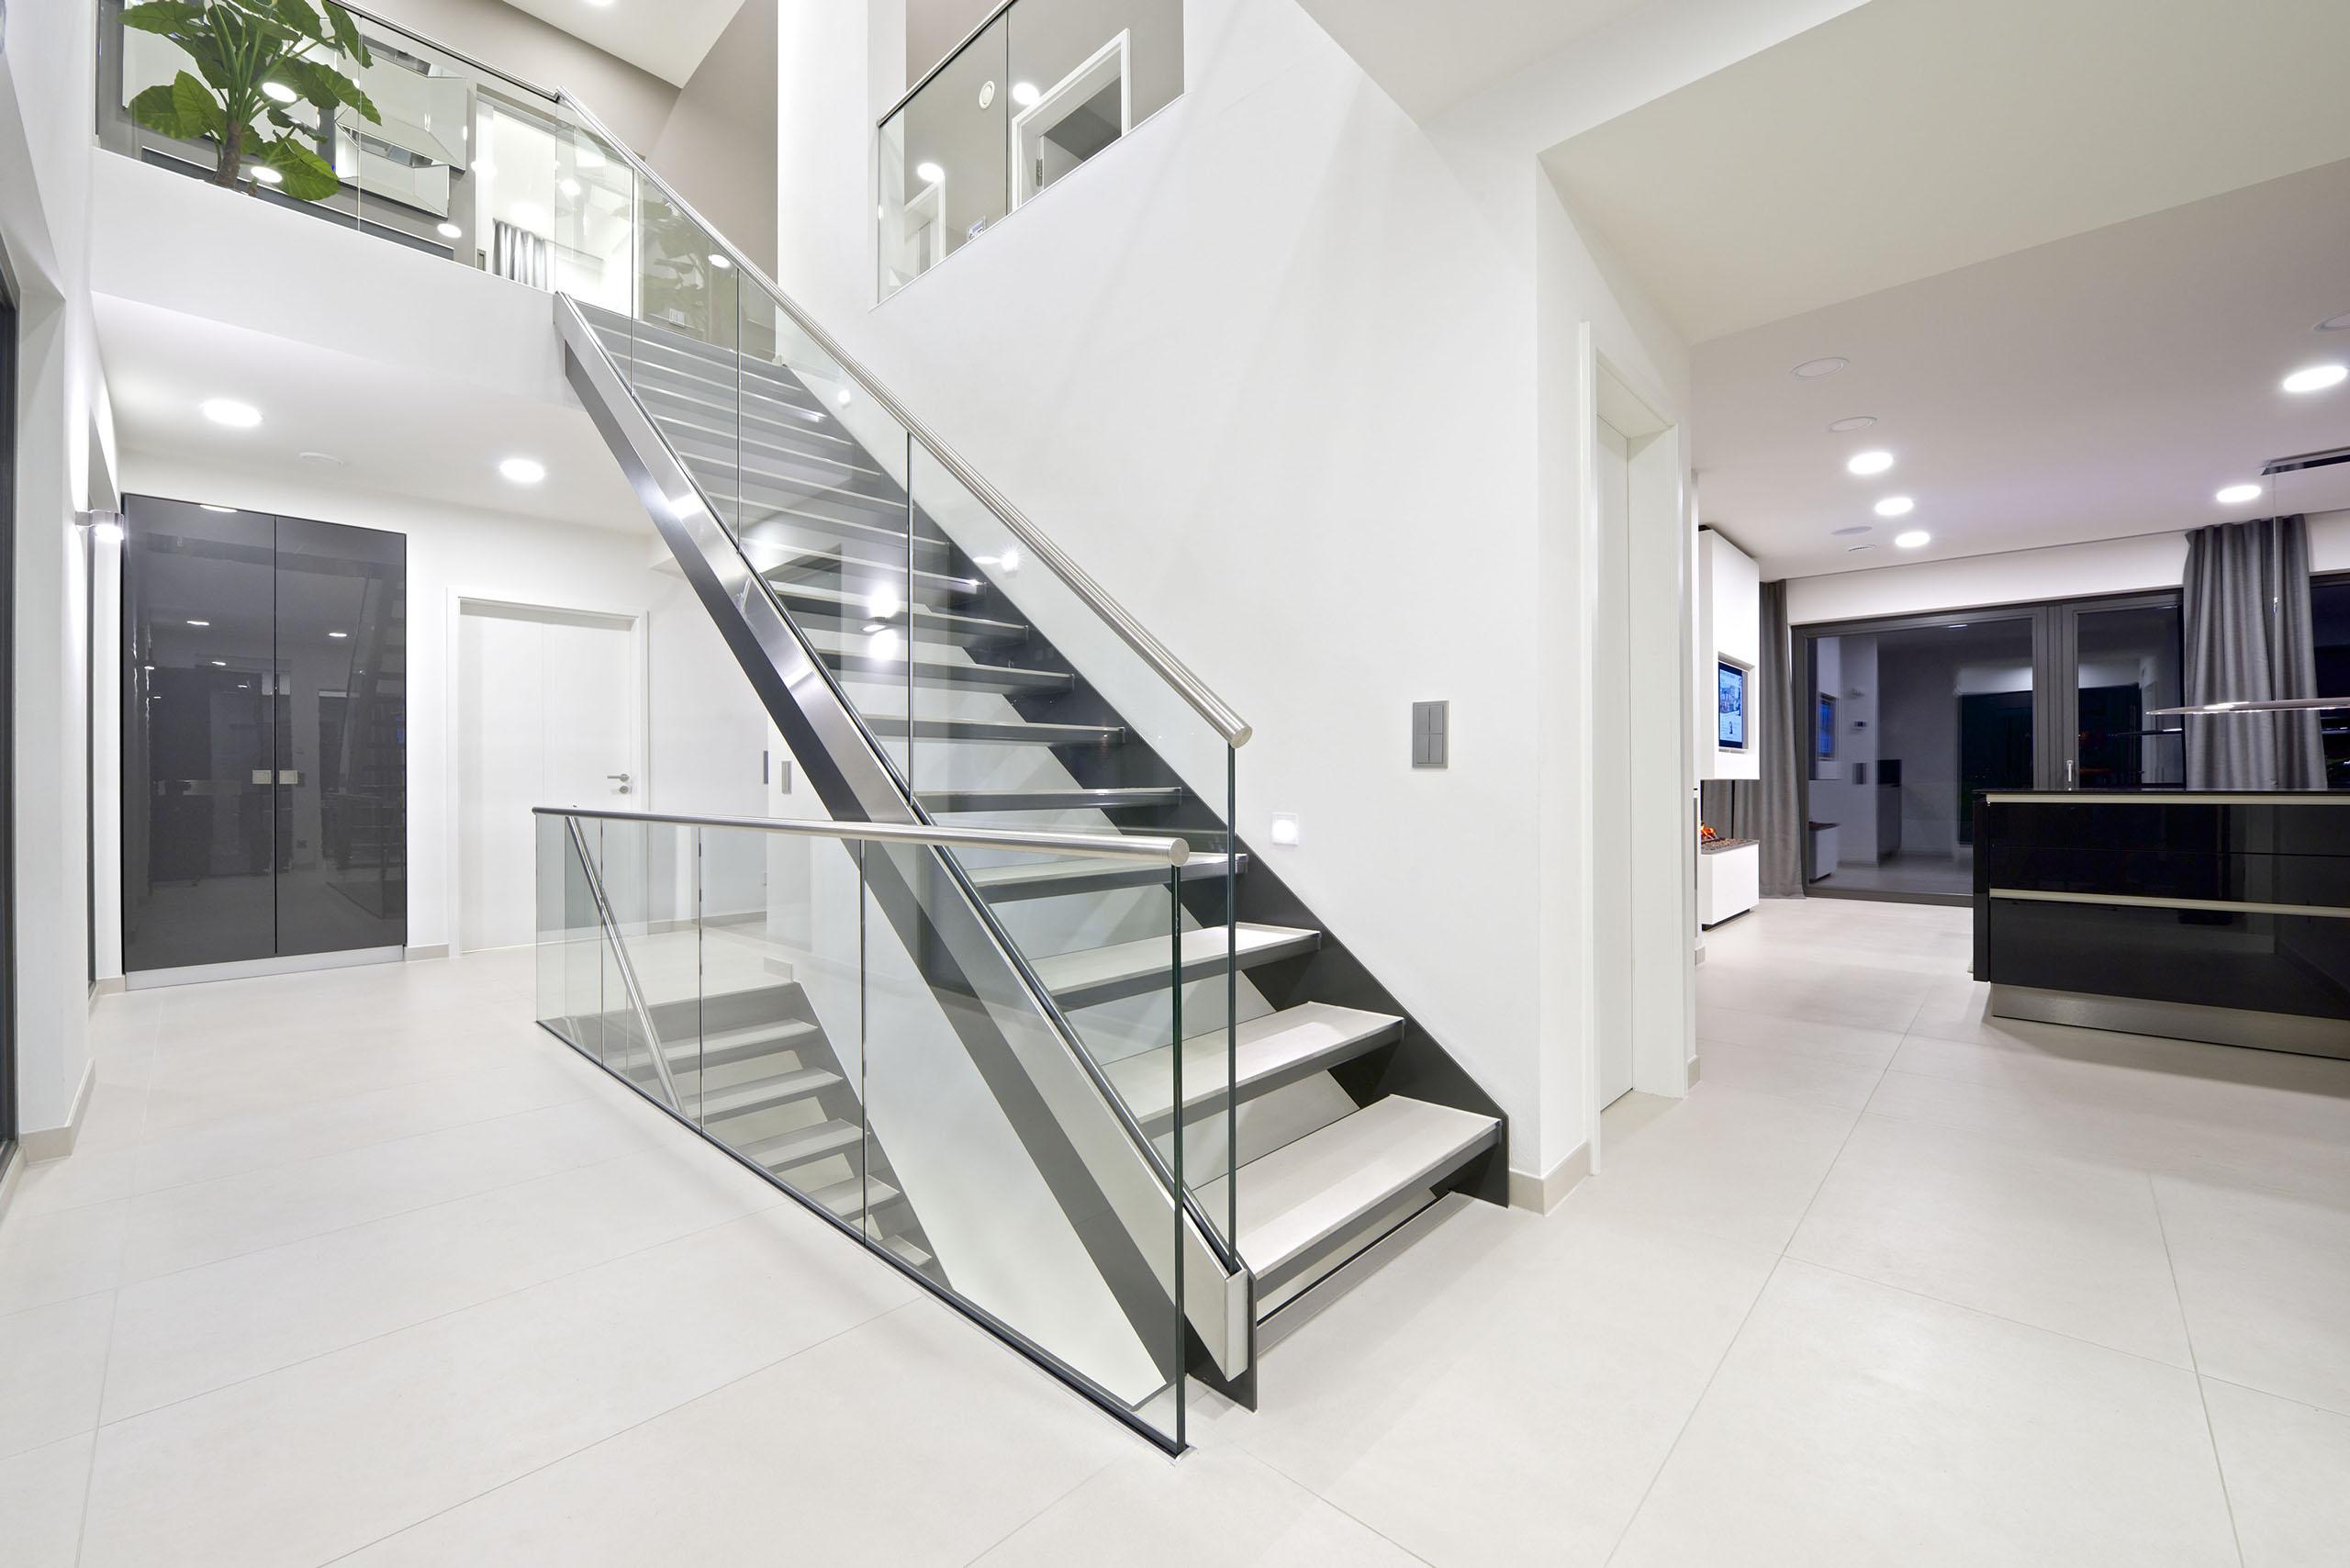 Modernes Wohndesign Schön Beton Treppe Dekor Modernes Wohndesigns ...